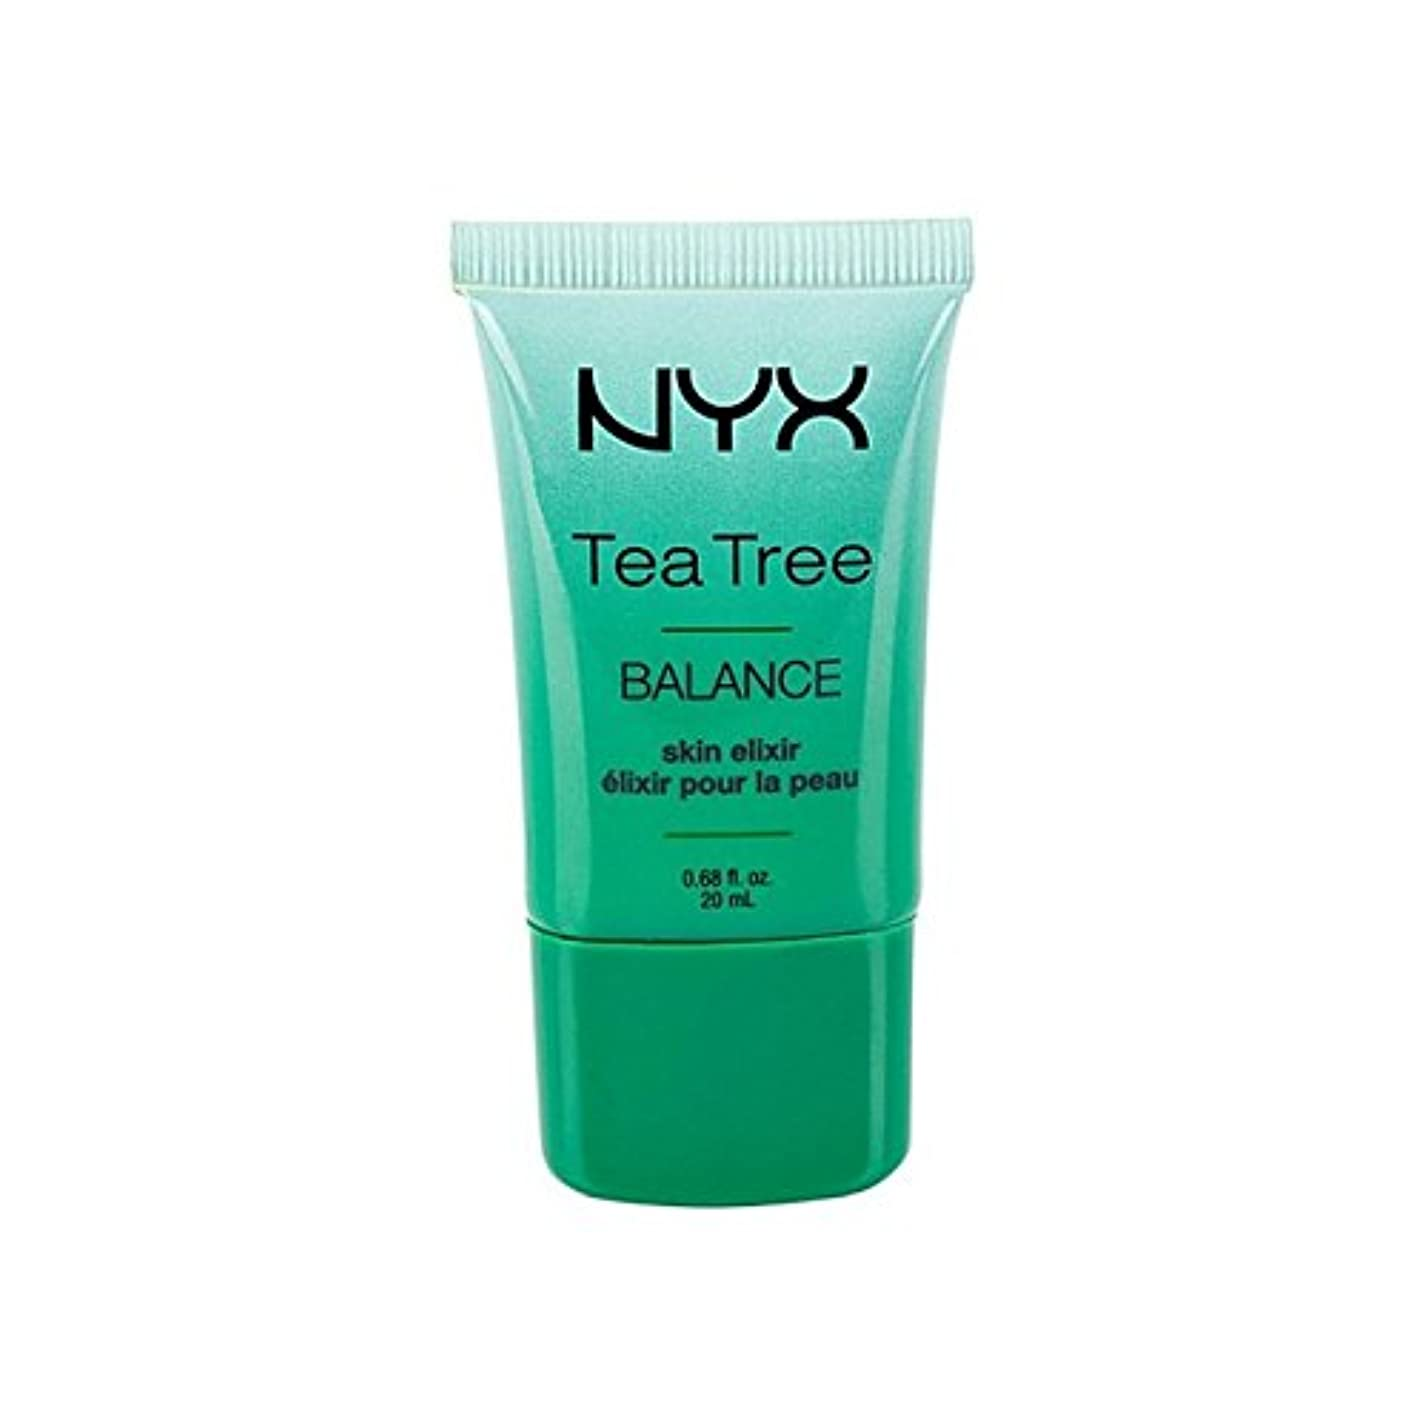 不一致バーチャル個人Nyx Cosmetics Balance Skin Elixir - 化粧品バランス肌の万能薬 [並行輸入品]